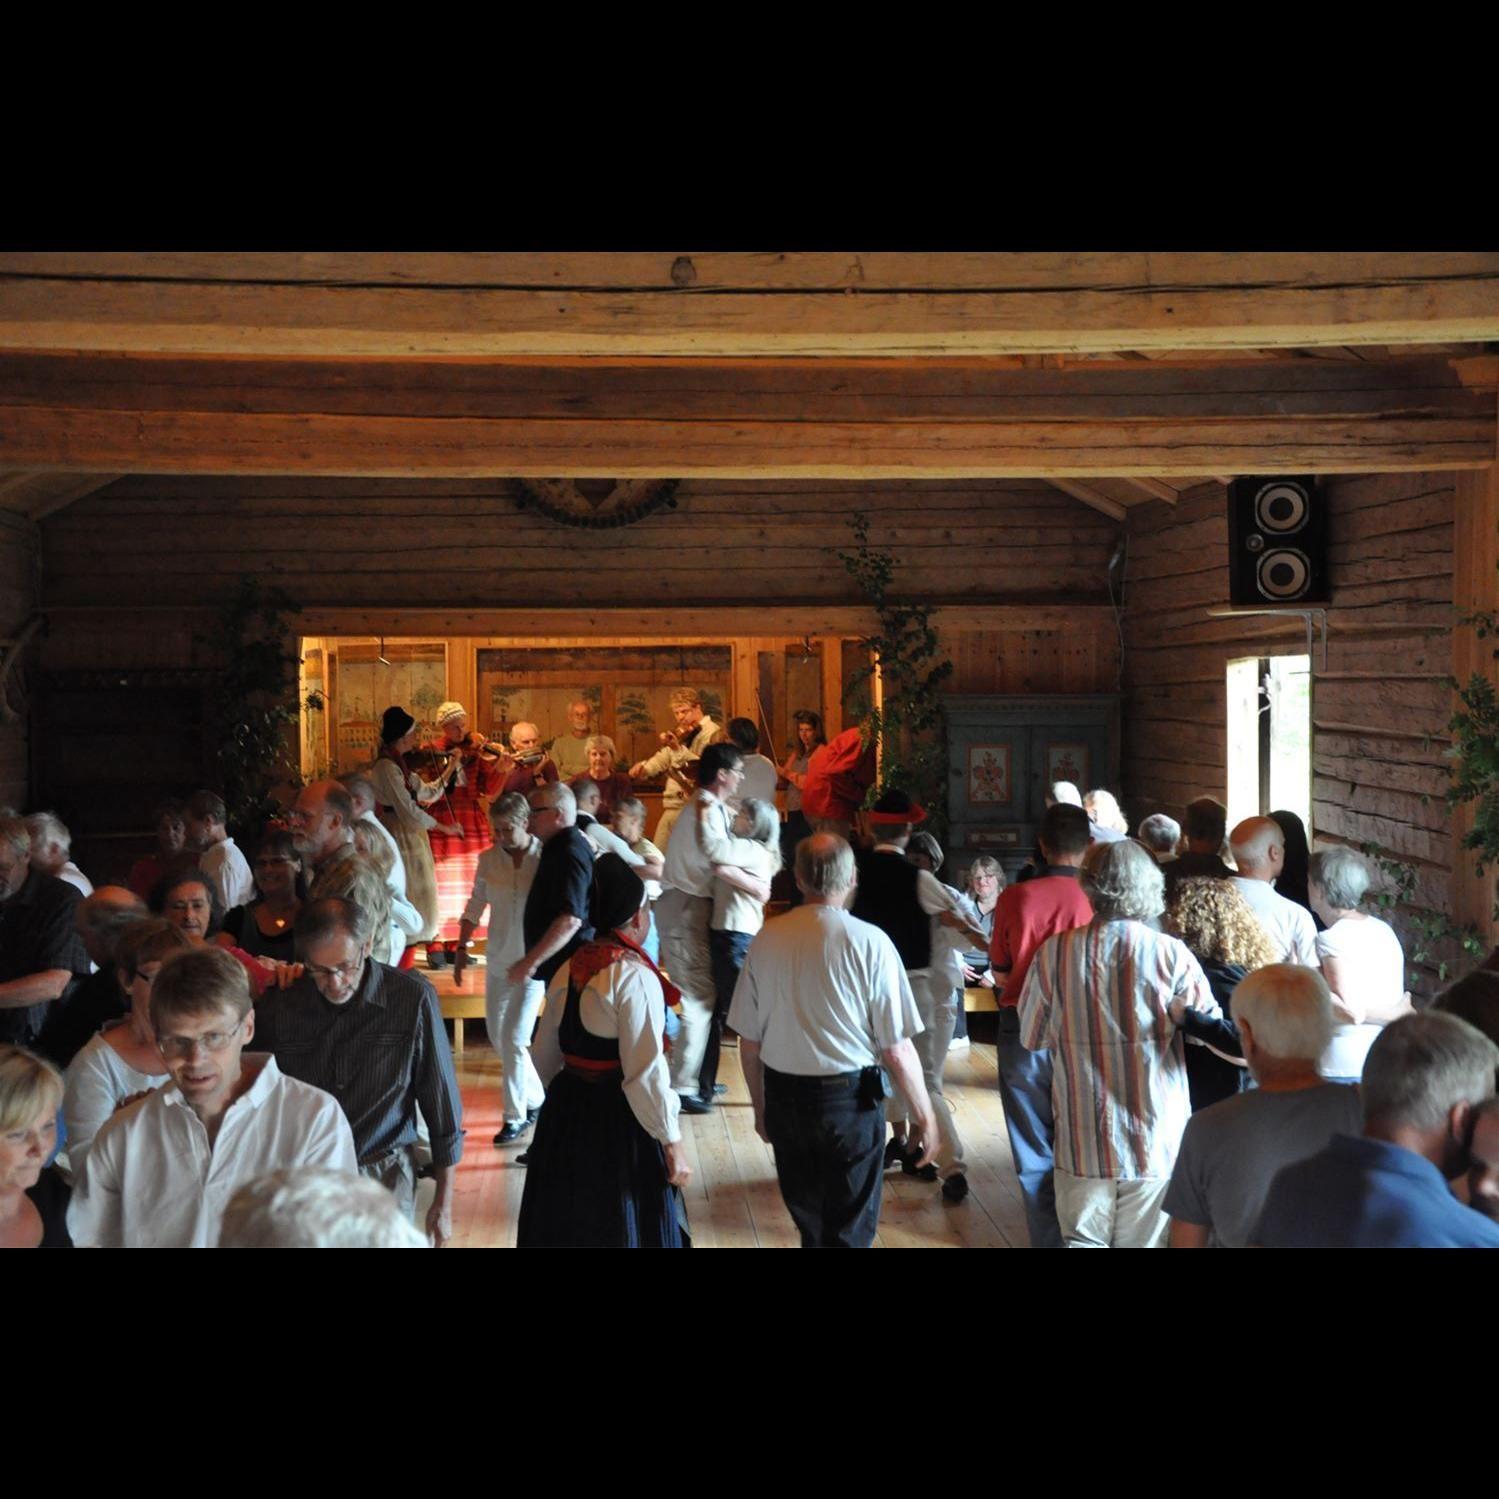 Dans på logen, Boda Gammelgård